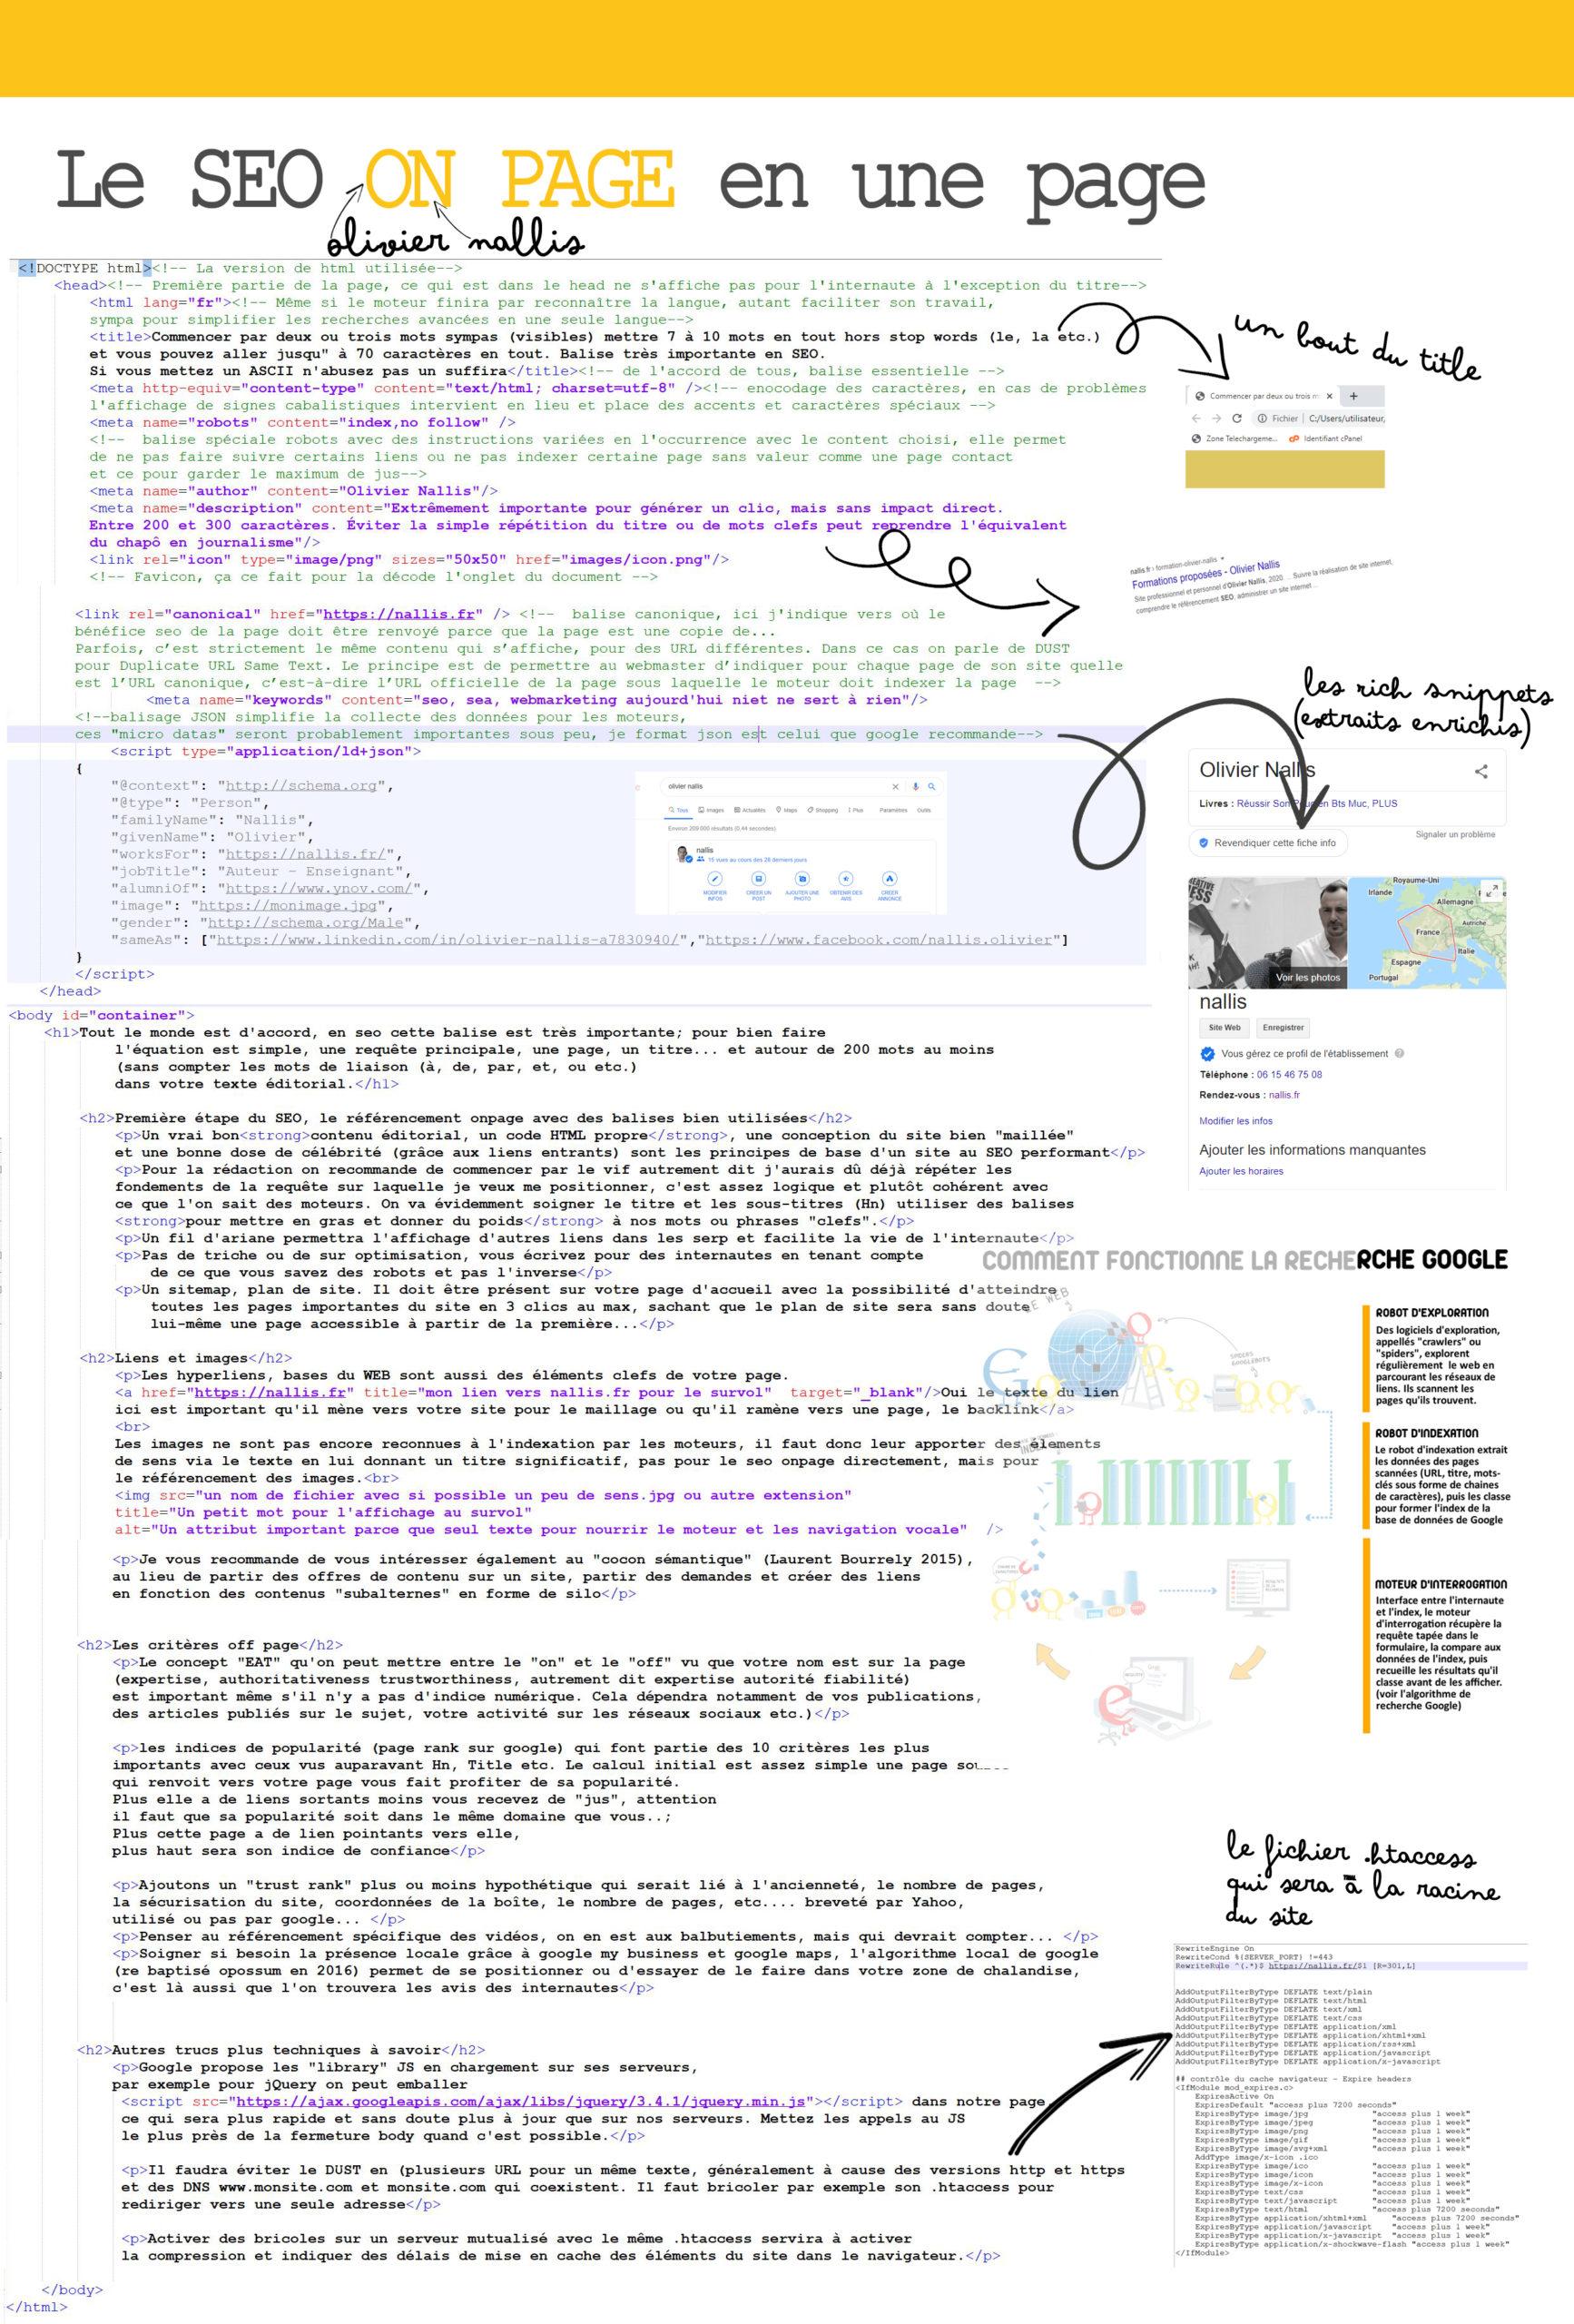 les clefs de seo sur une page